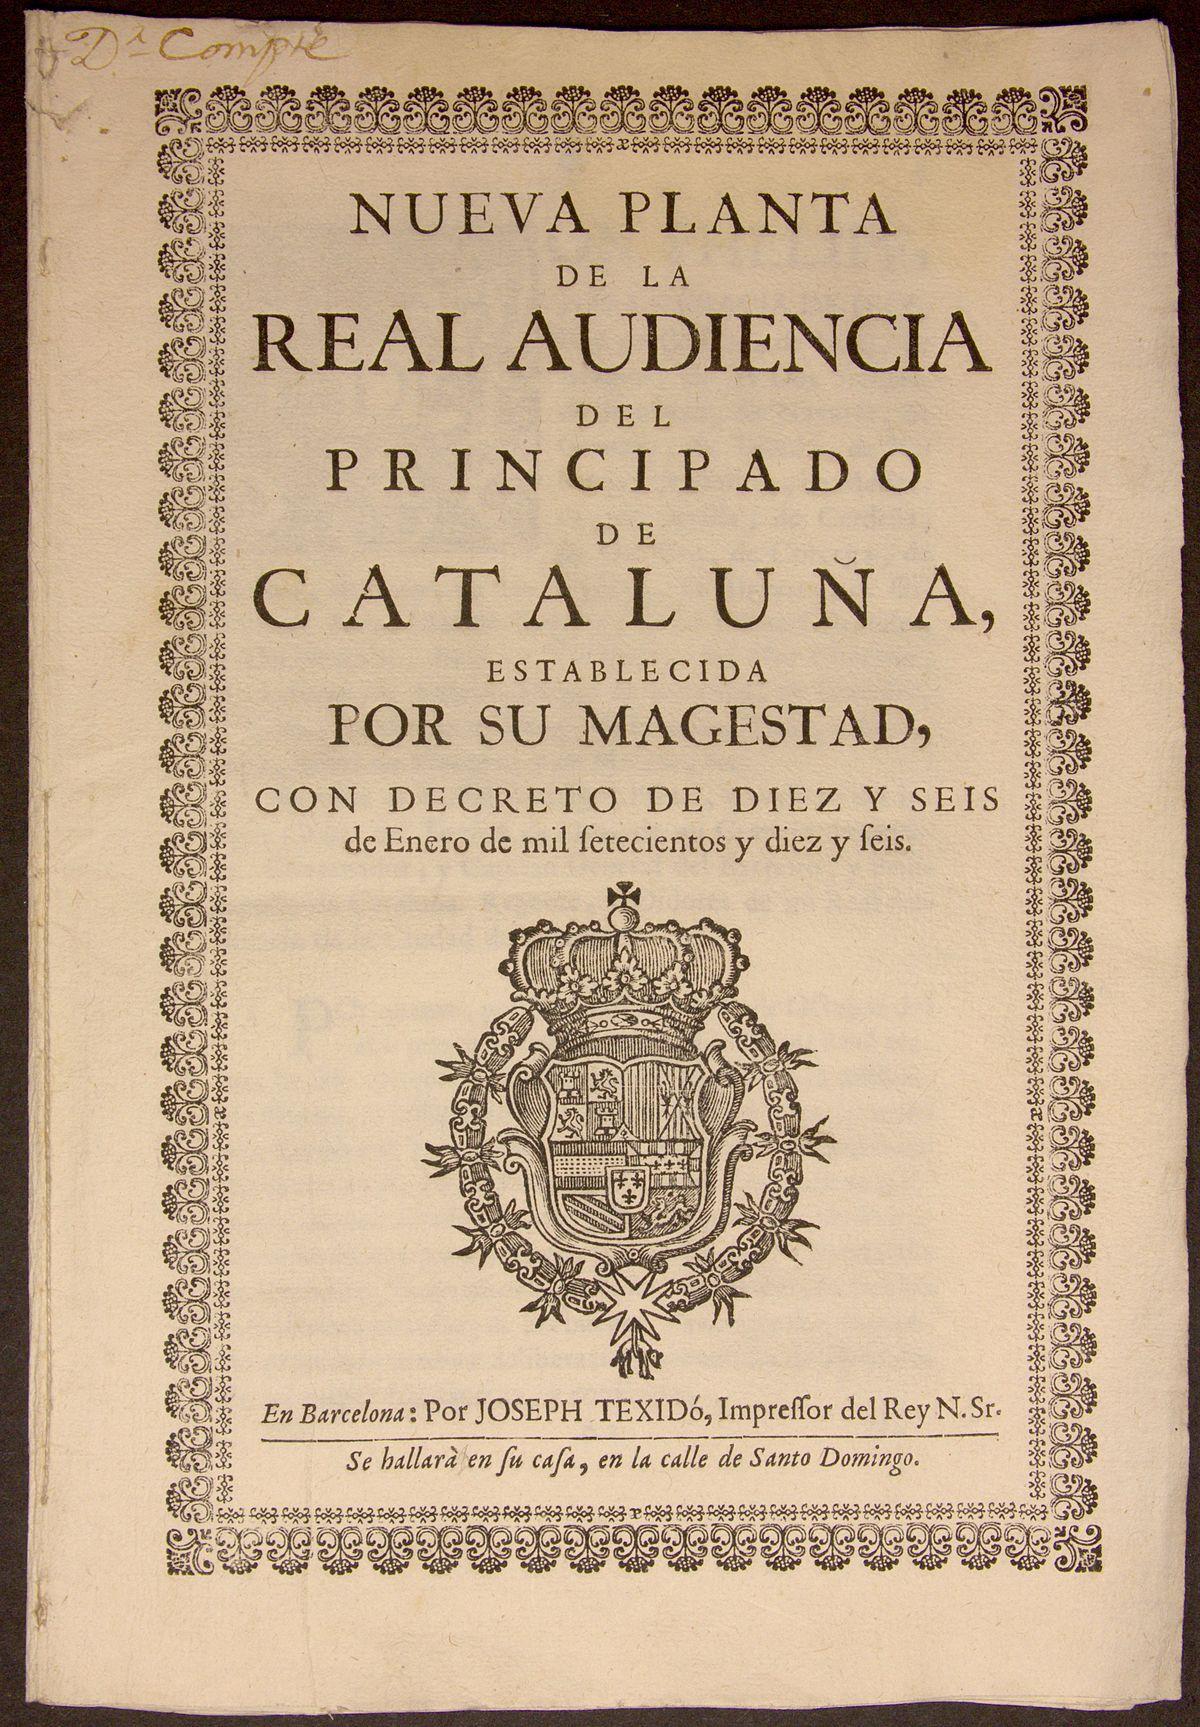 Decretos De Nueva Planta Wikipedia La Enciclopedia Libre